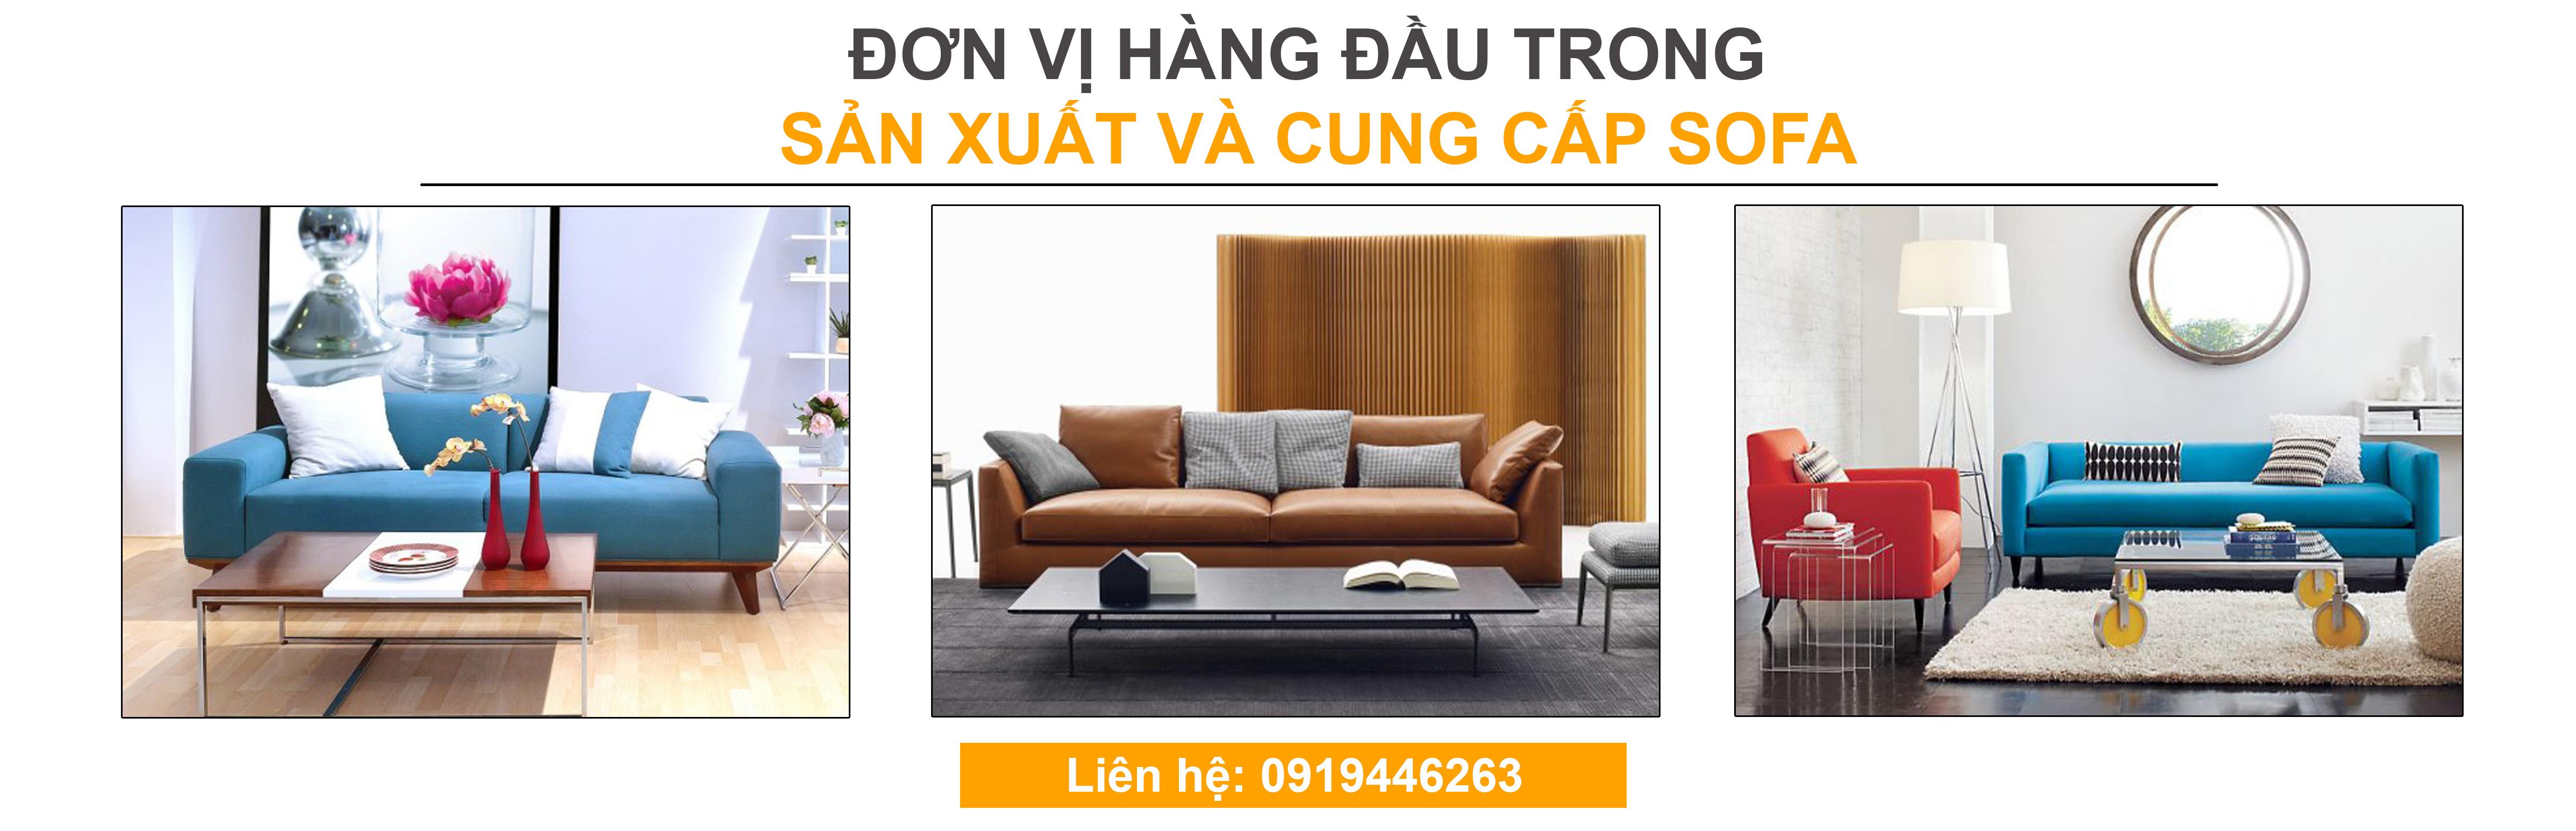 Banner-Tan-A-Chau-sofa